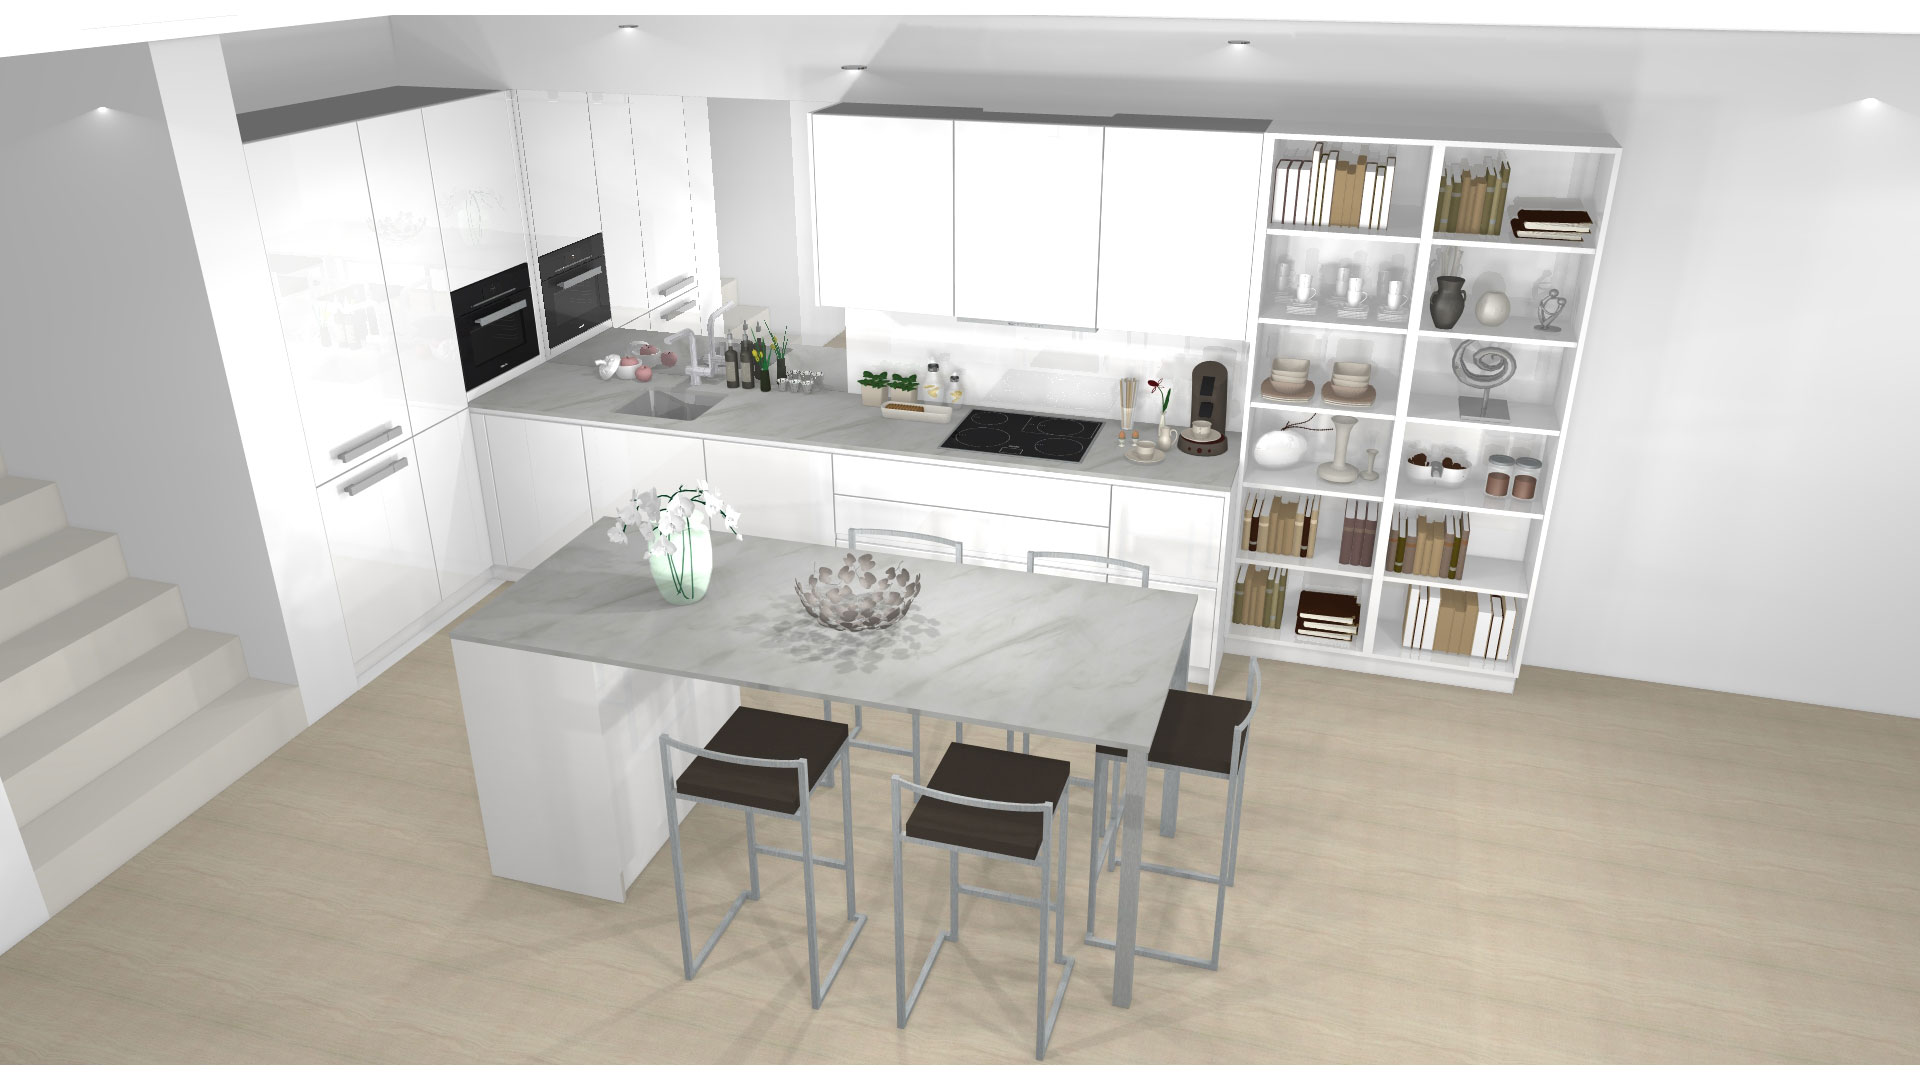 Küchenplanung - Ansicht von allen Seiten von Küchenwelt Bauer in Wien